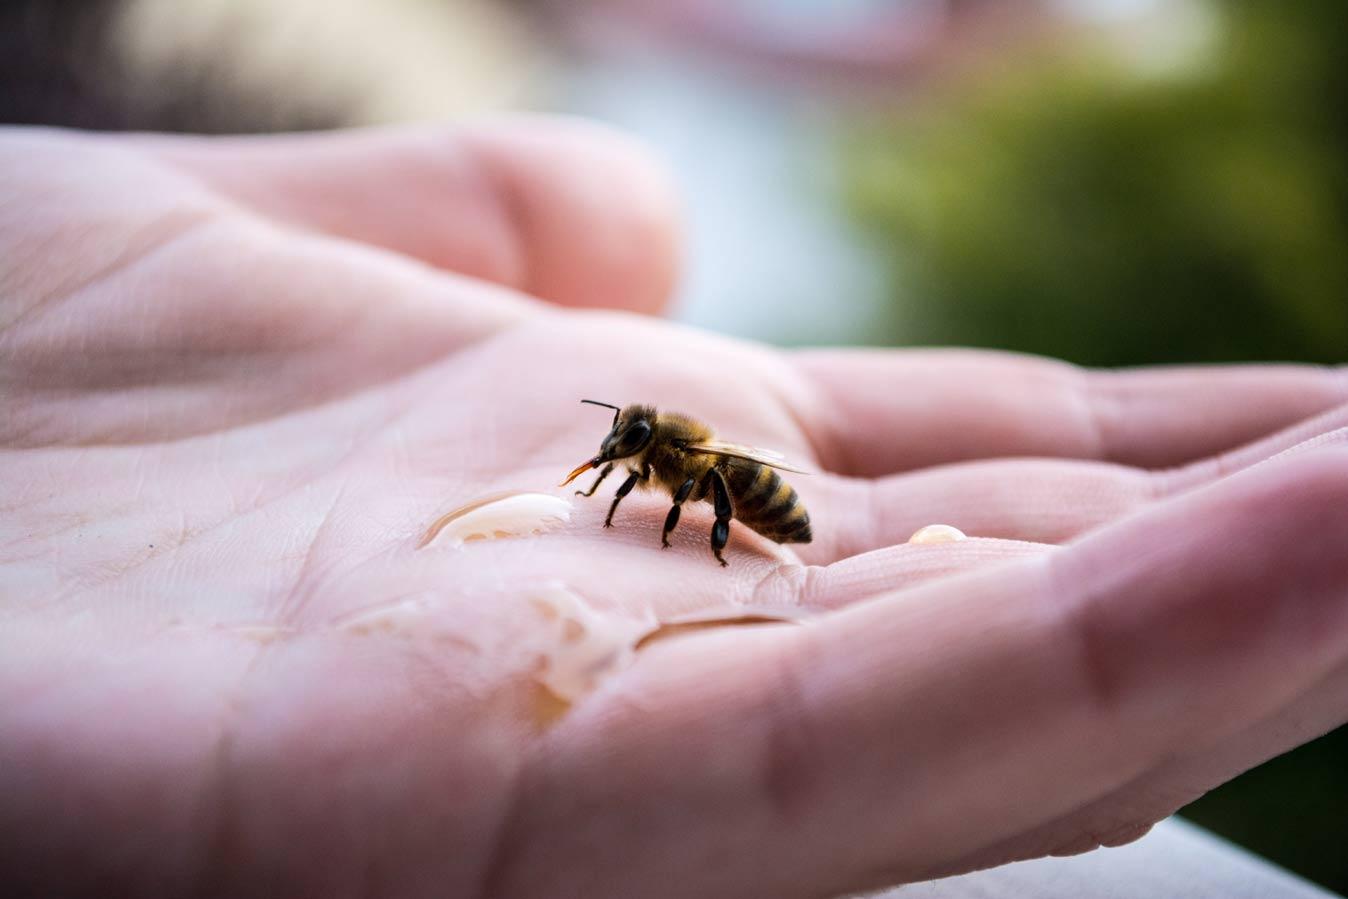 В студенческое общежитие Вены заселились 200 тысяч пчел